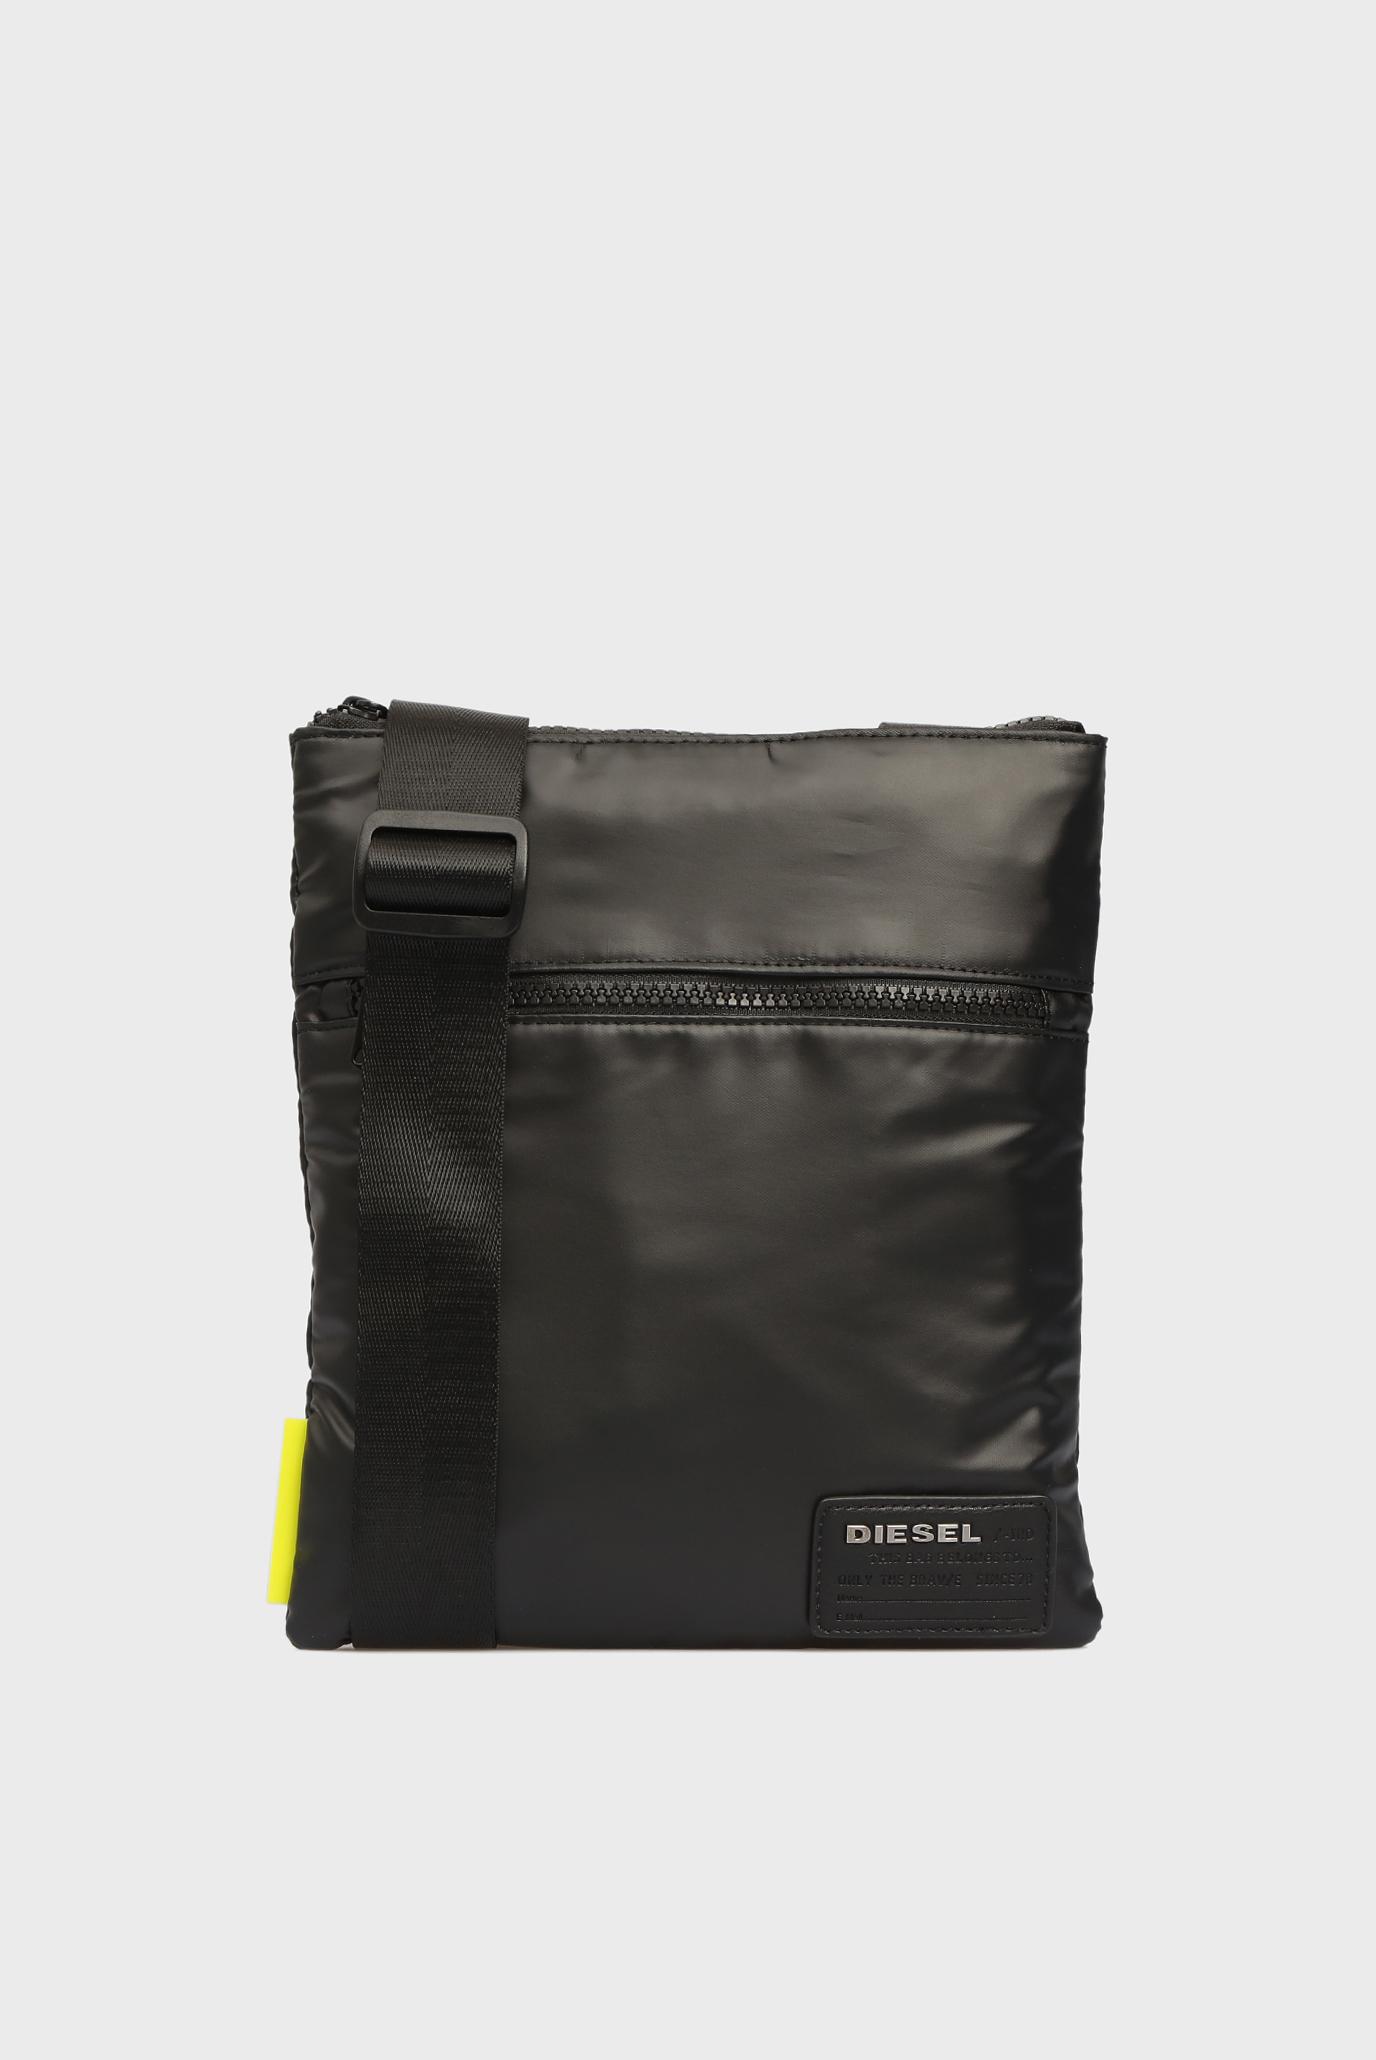 16d7a068d54e Купить Мужская черная сумка через плечо Diesel Diesel X04813 P1157 ...